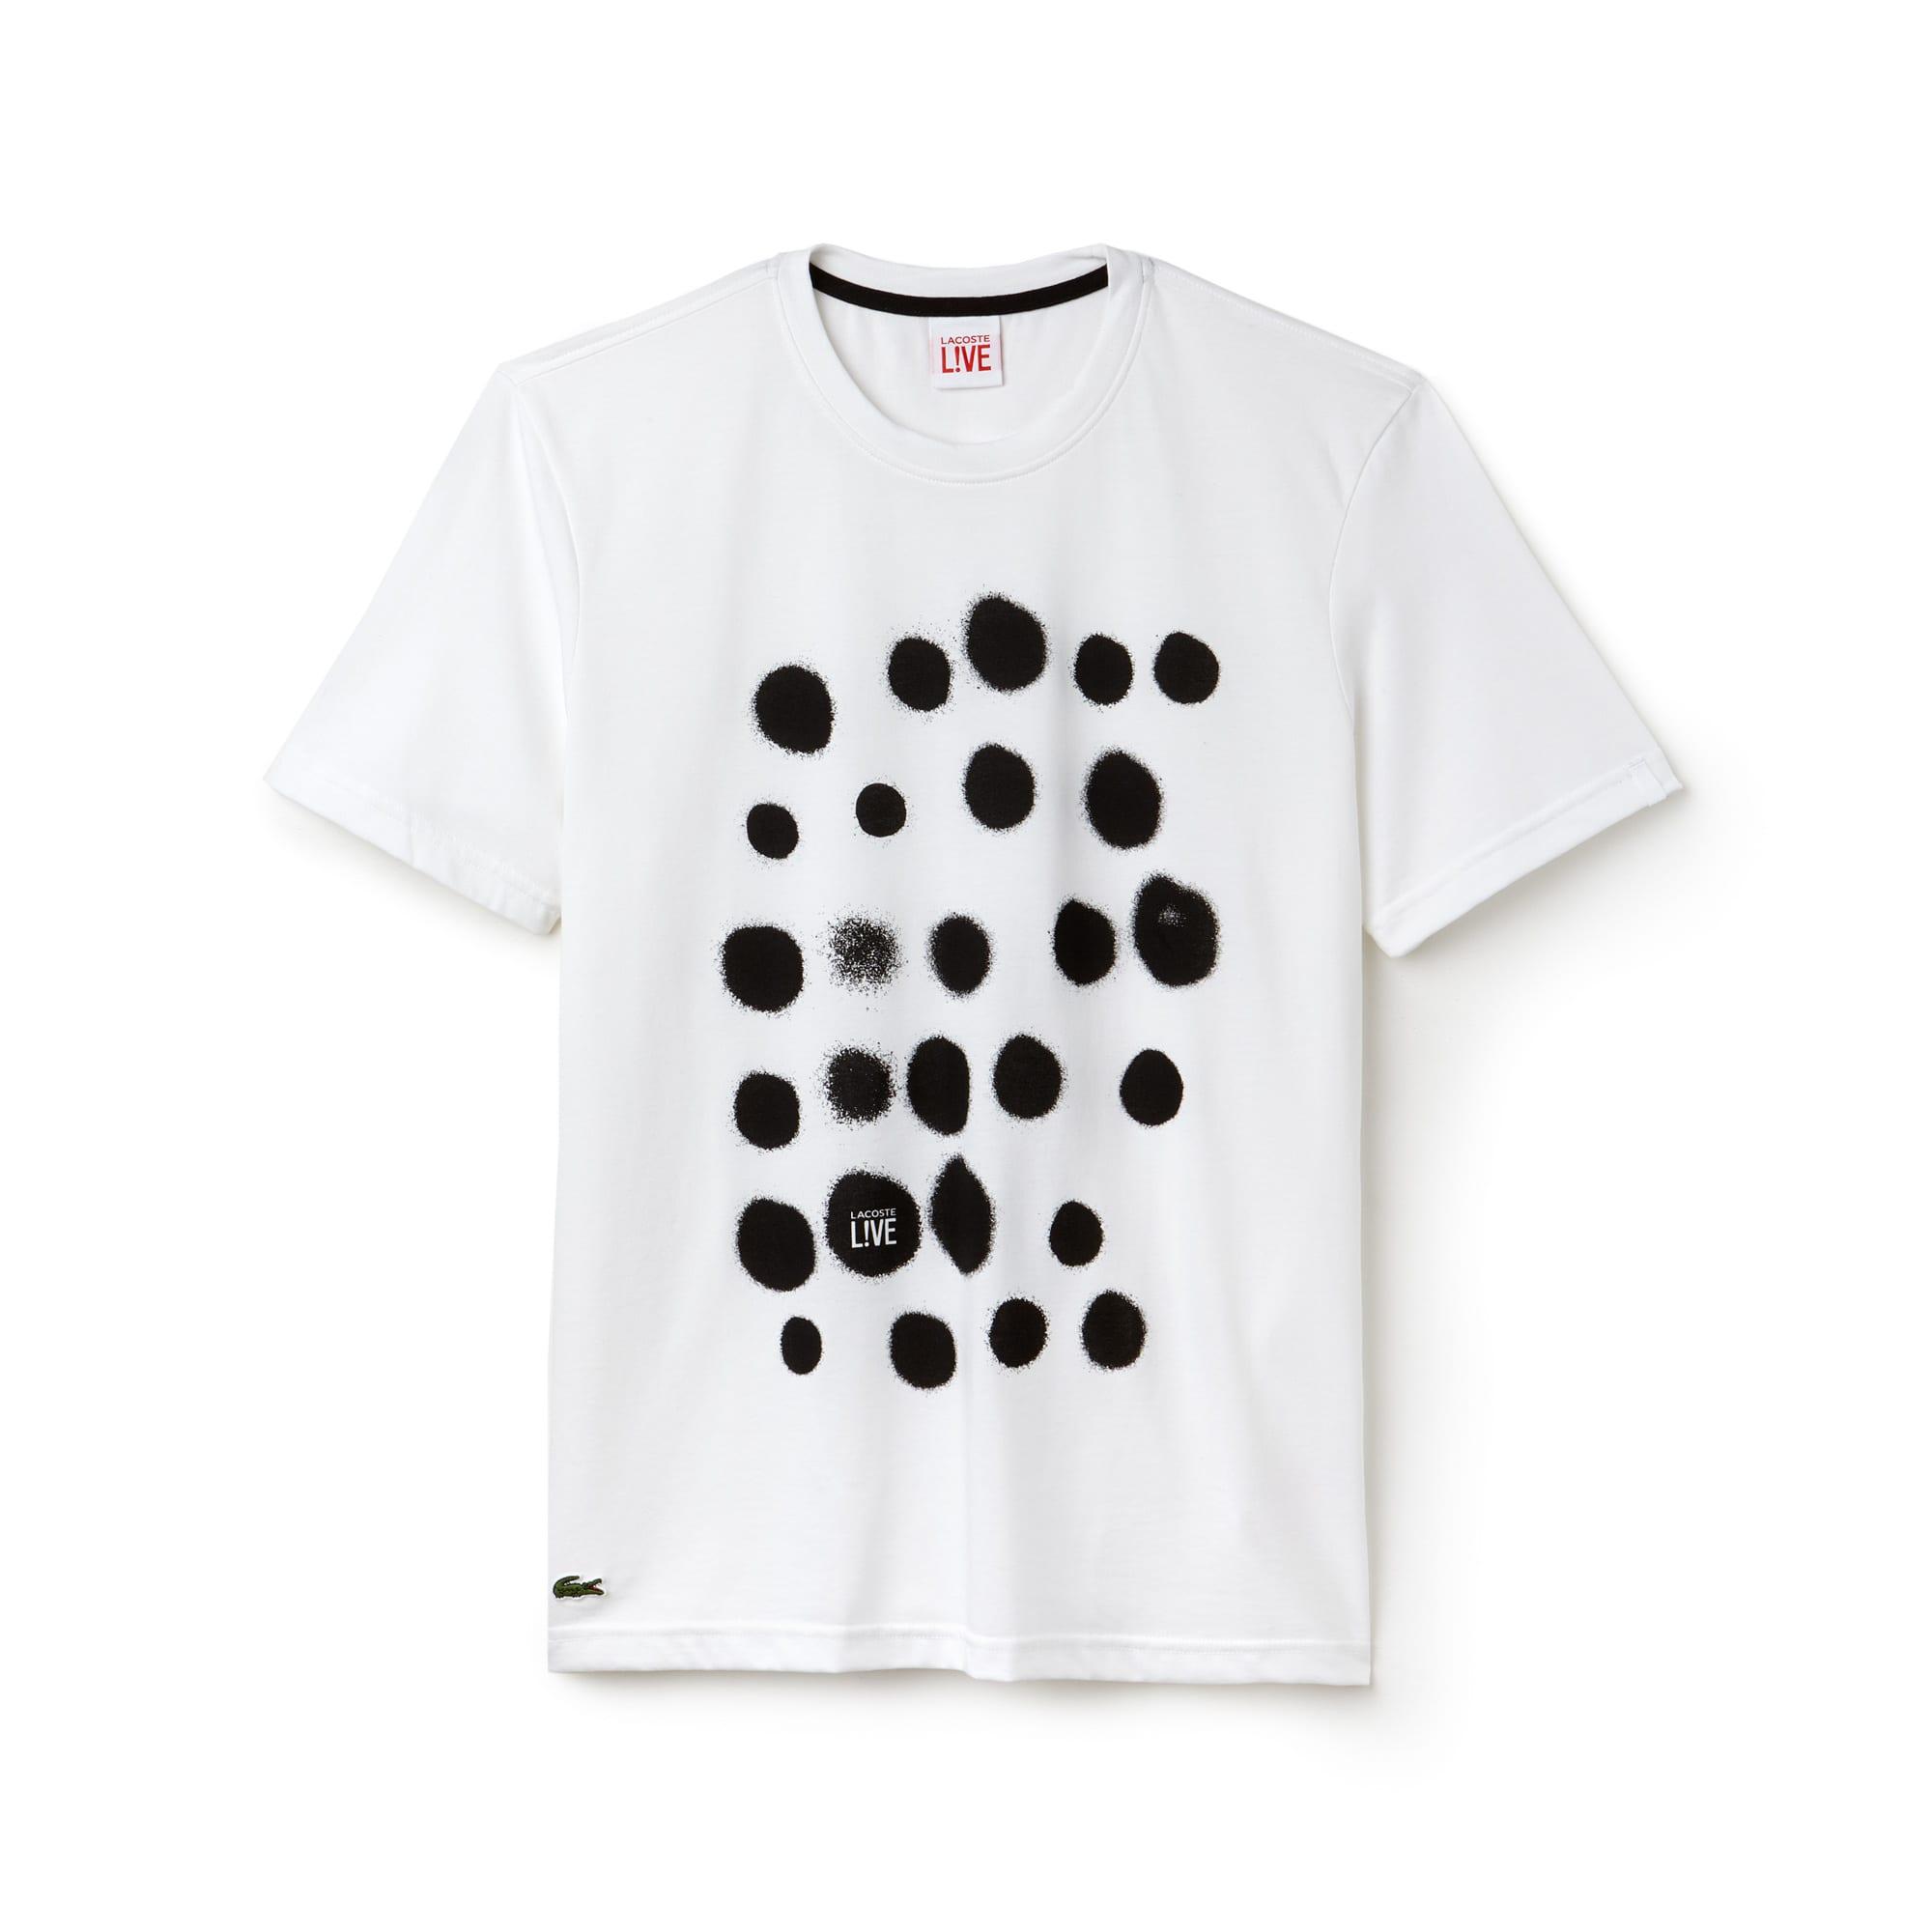 Men's Lacoste LIVE Crew Neck Spray Paint Print Jersey T-shirt